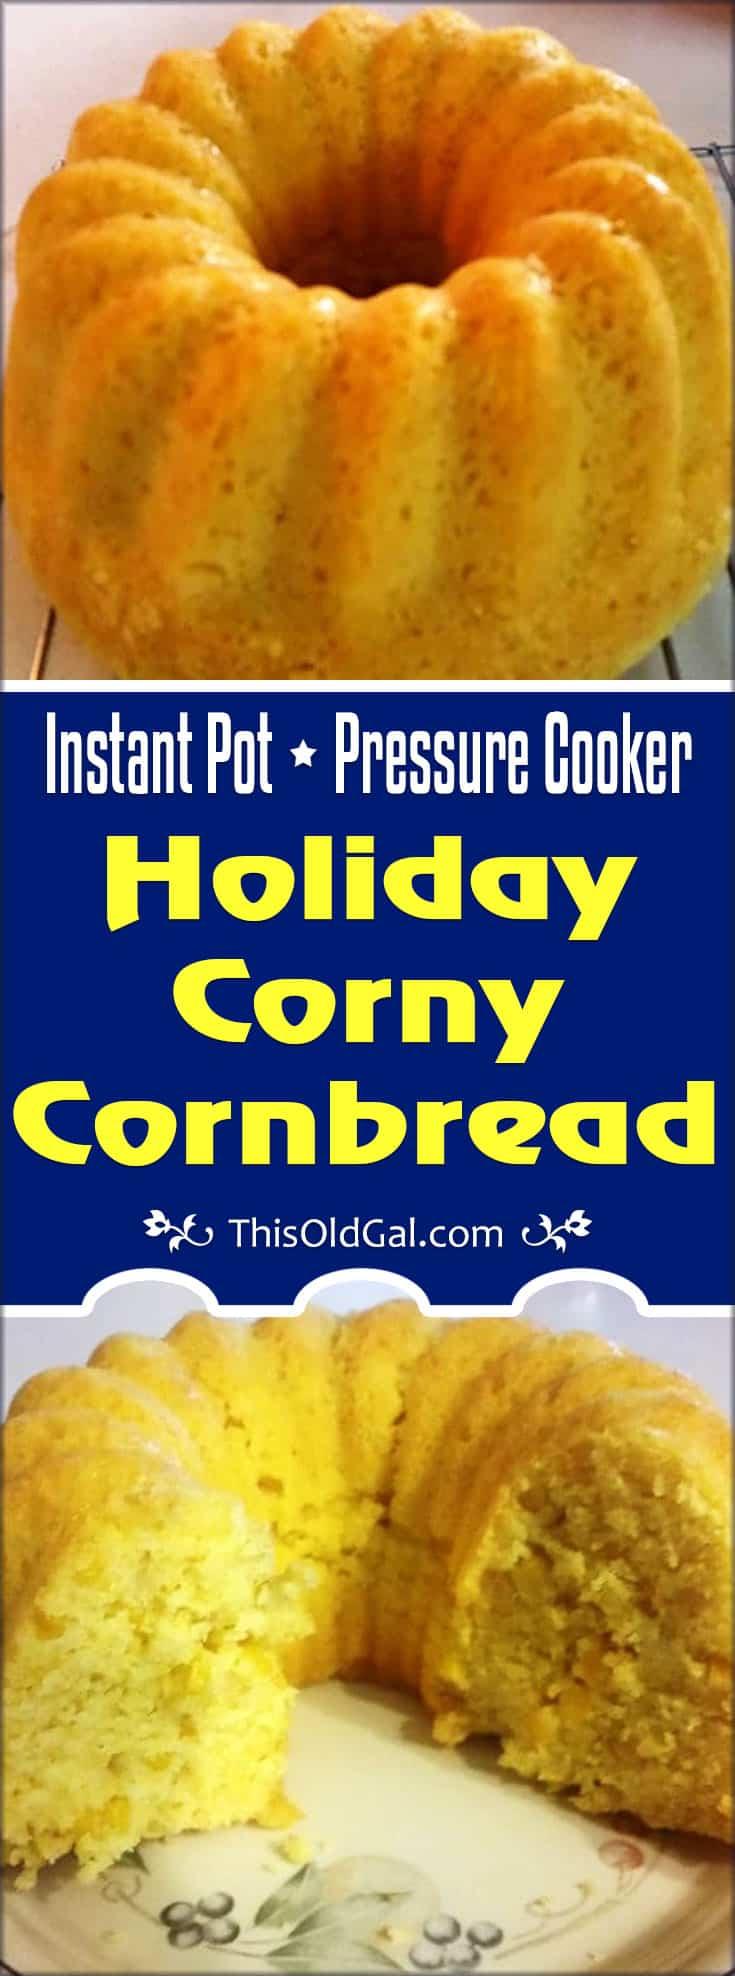 Pressure Cooker Holiday Corny Cornbread